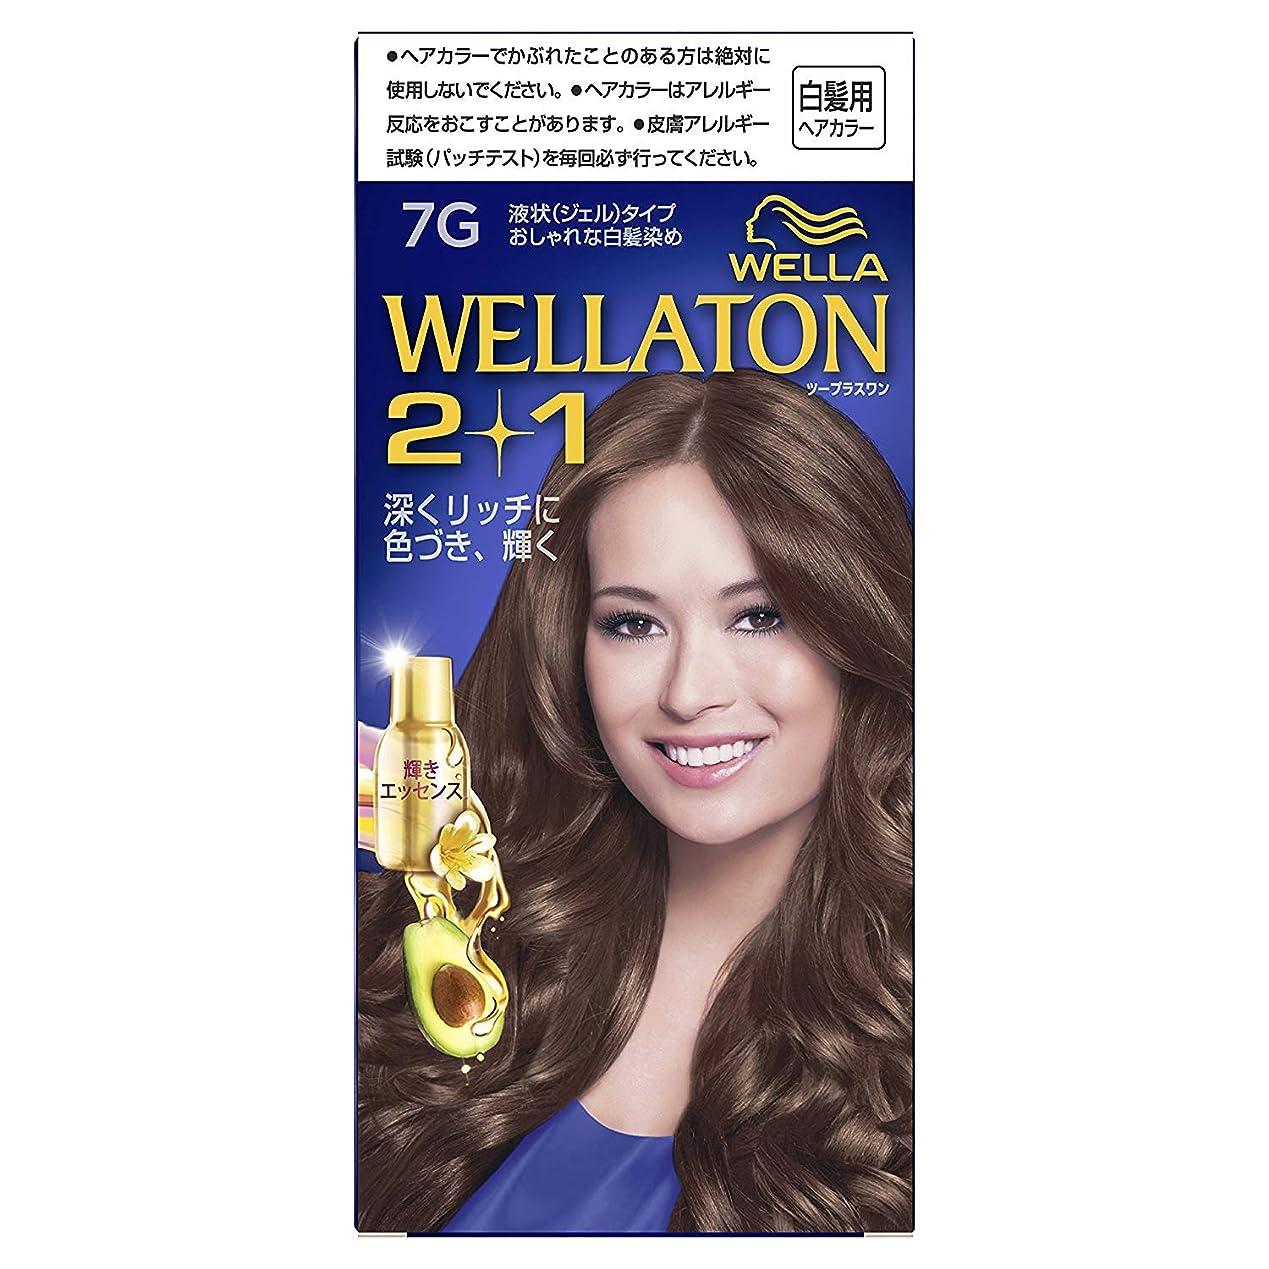 美的不従順コミットウエラトーン2+1 白髪染め 液状タイプ 7G [医薬部外品] ×6個